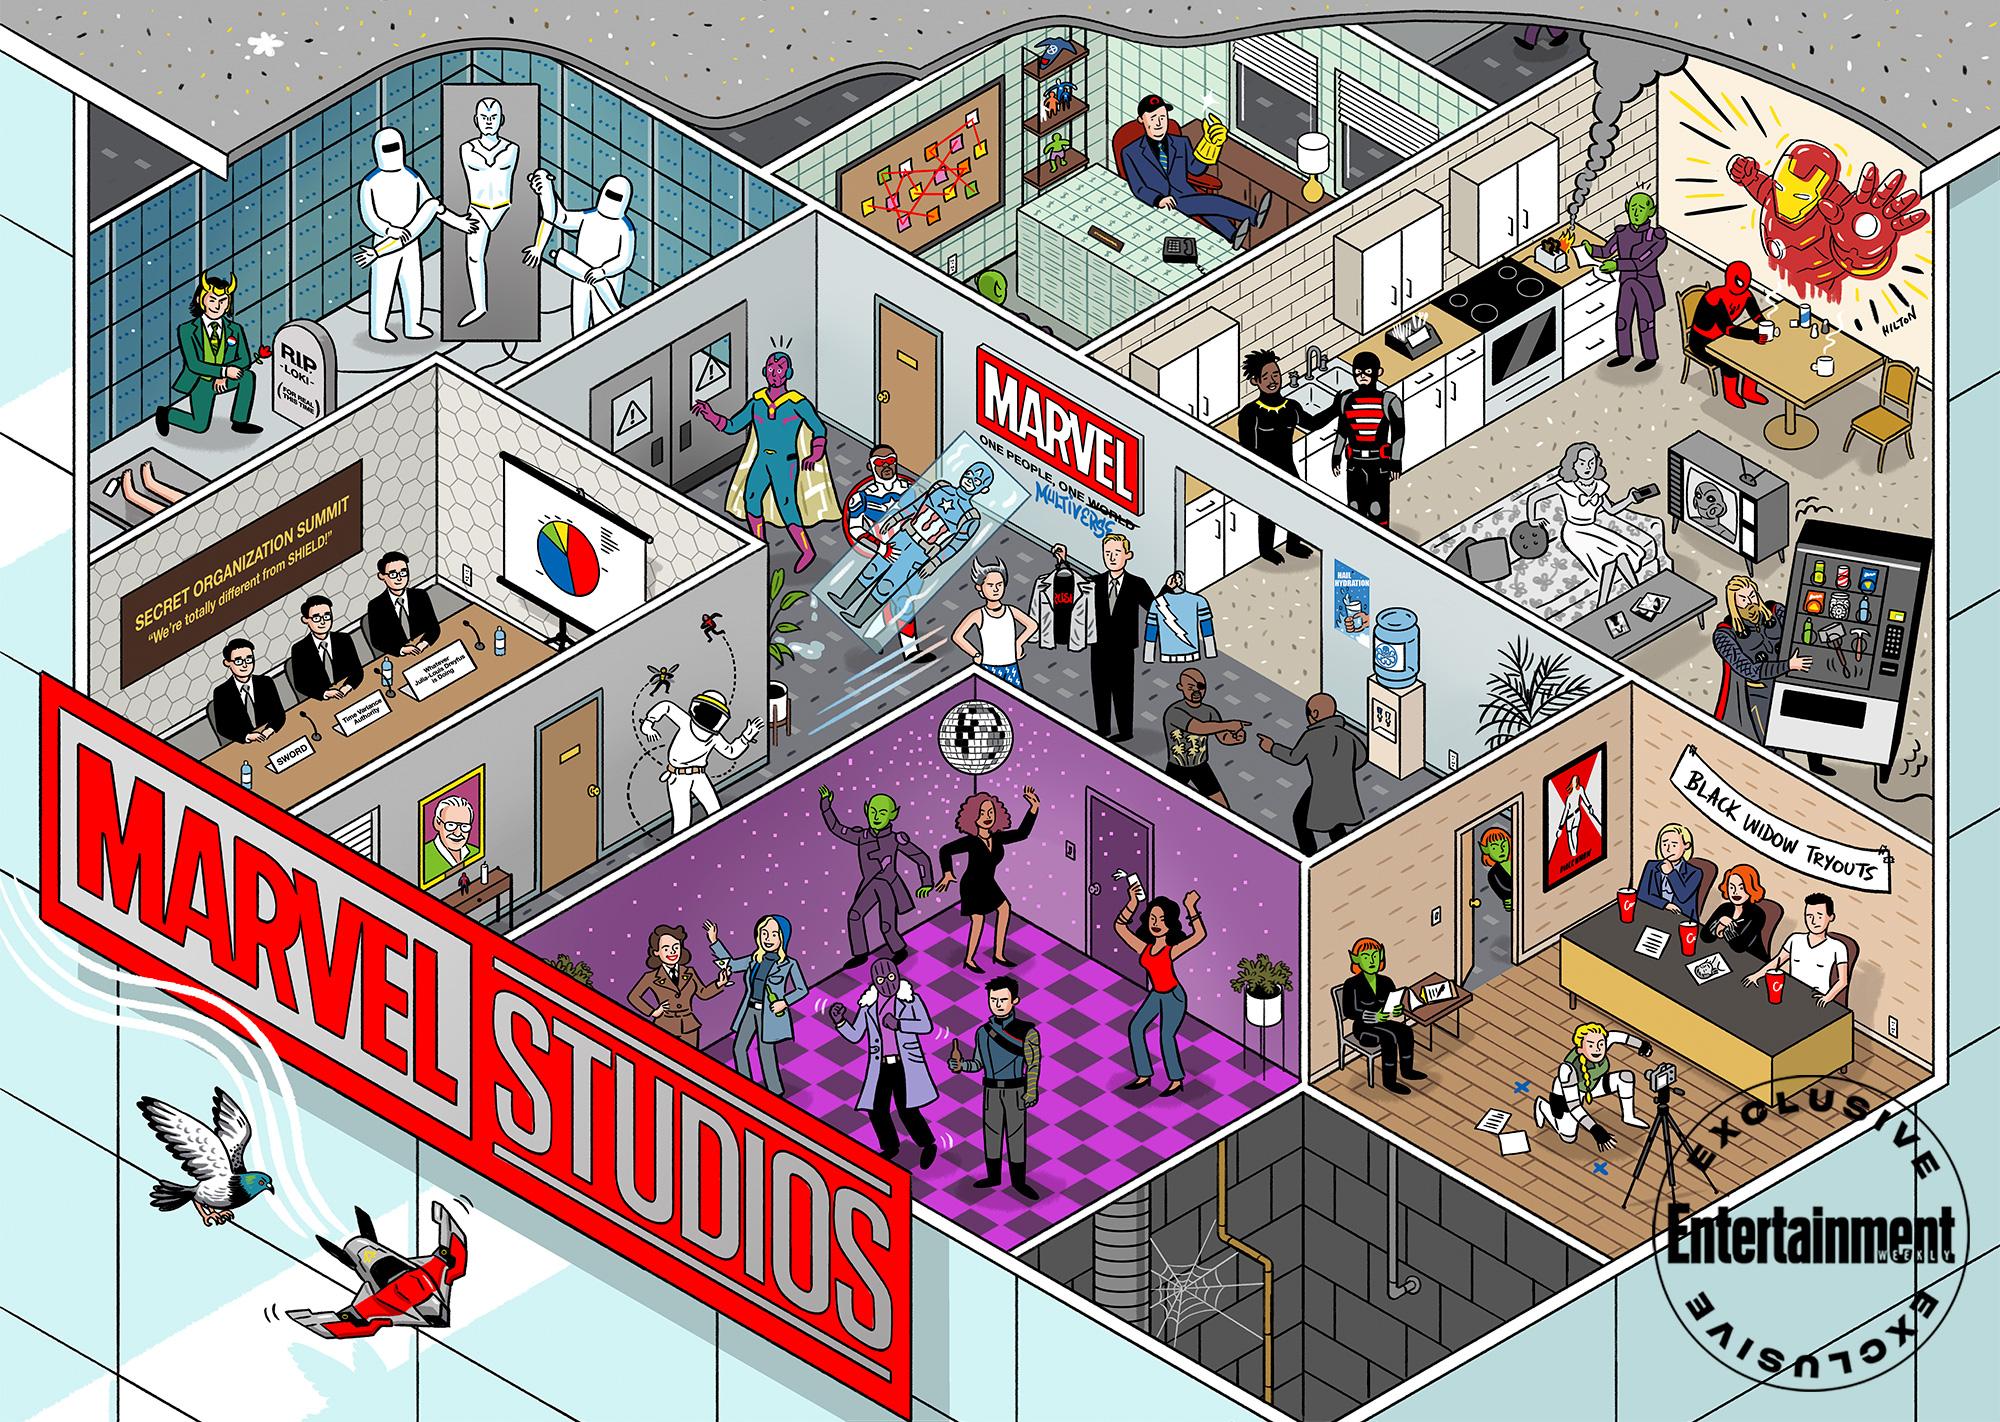 Marvel Studios Illustration